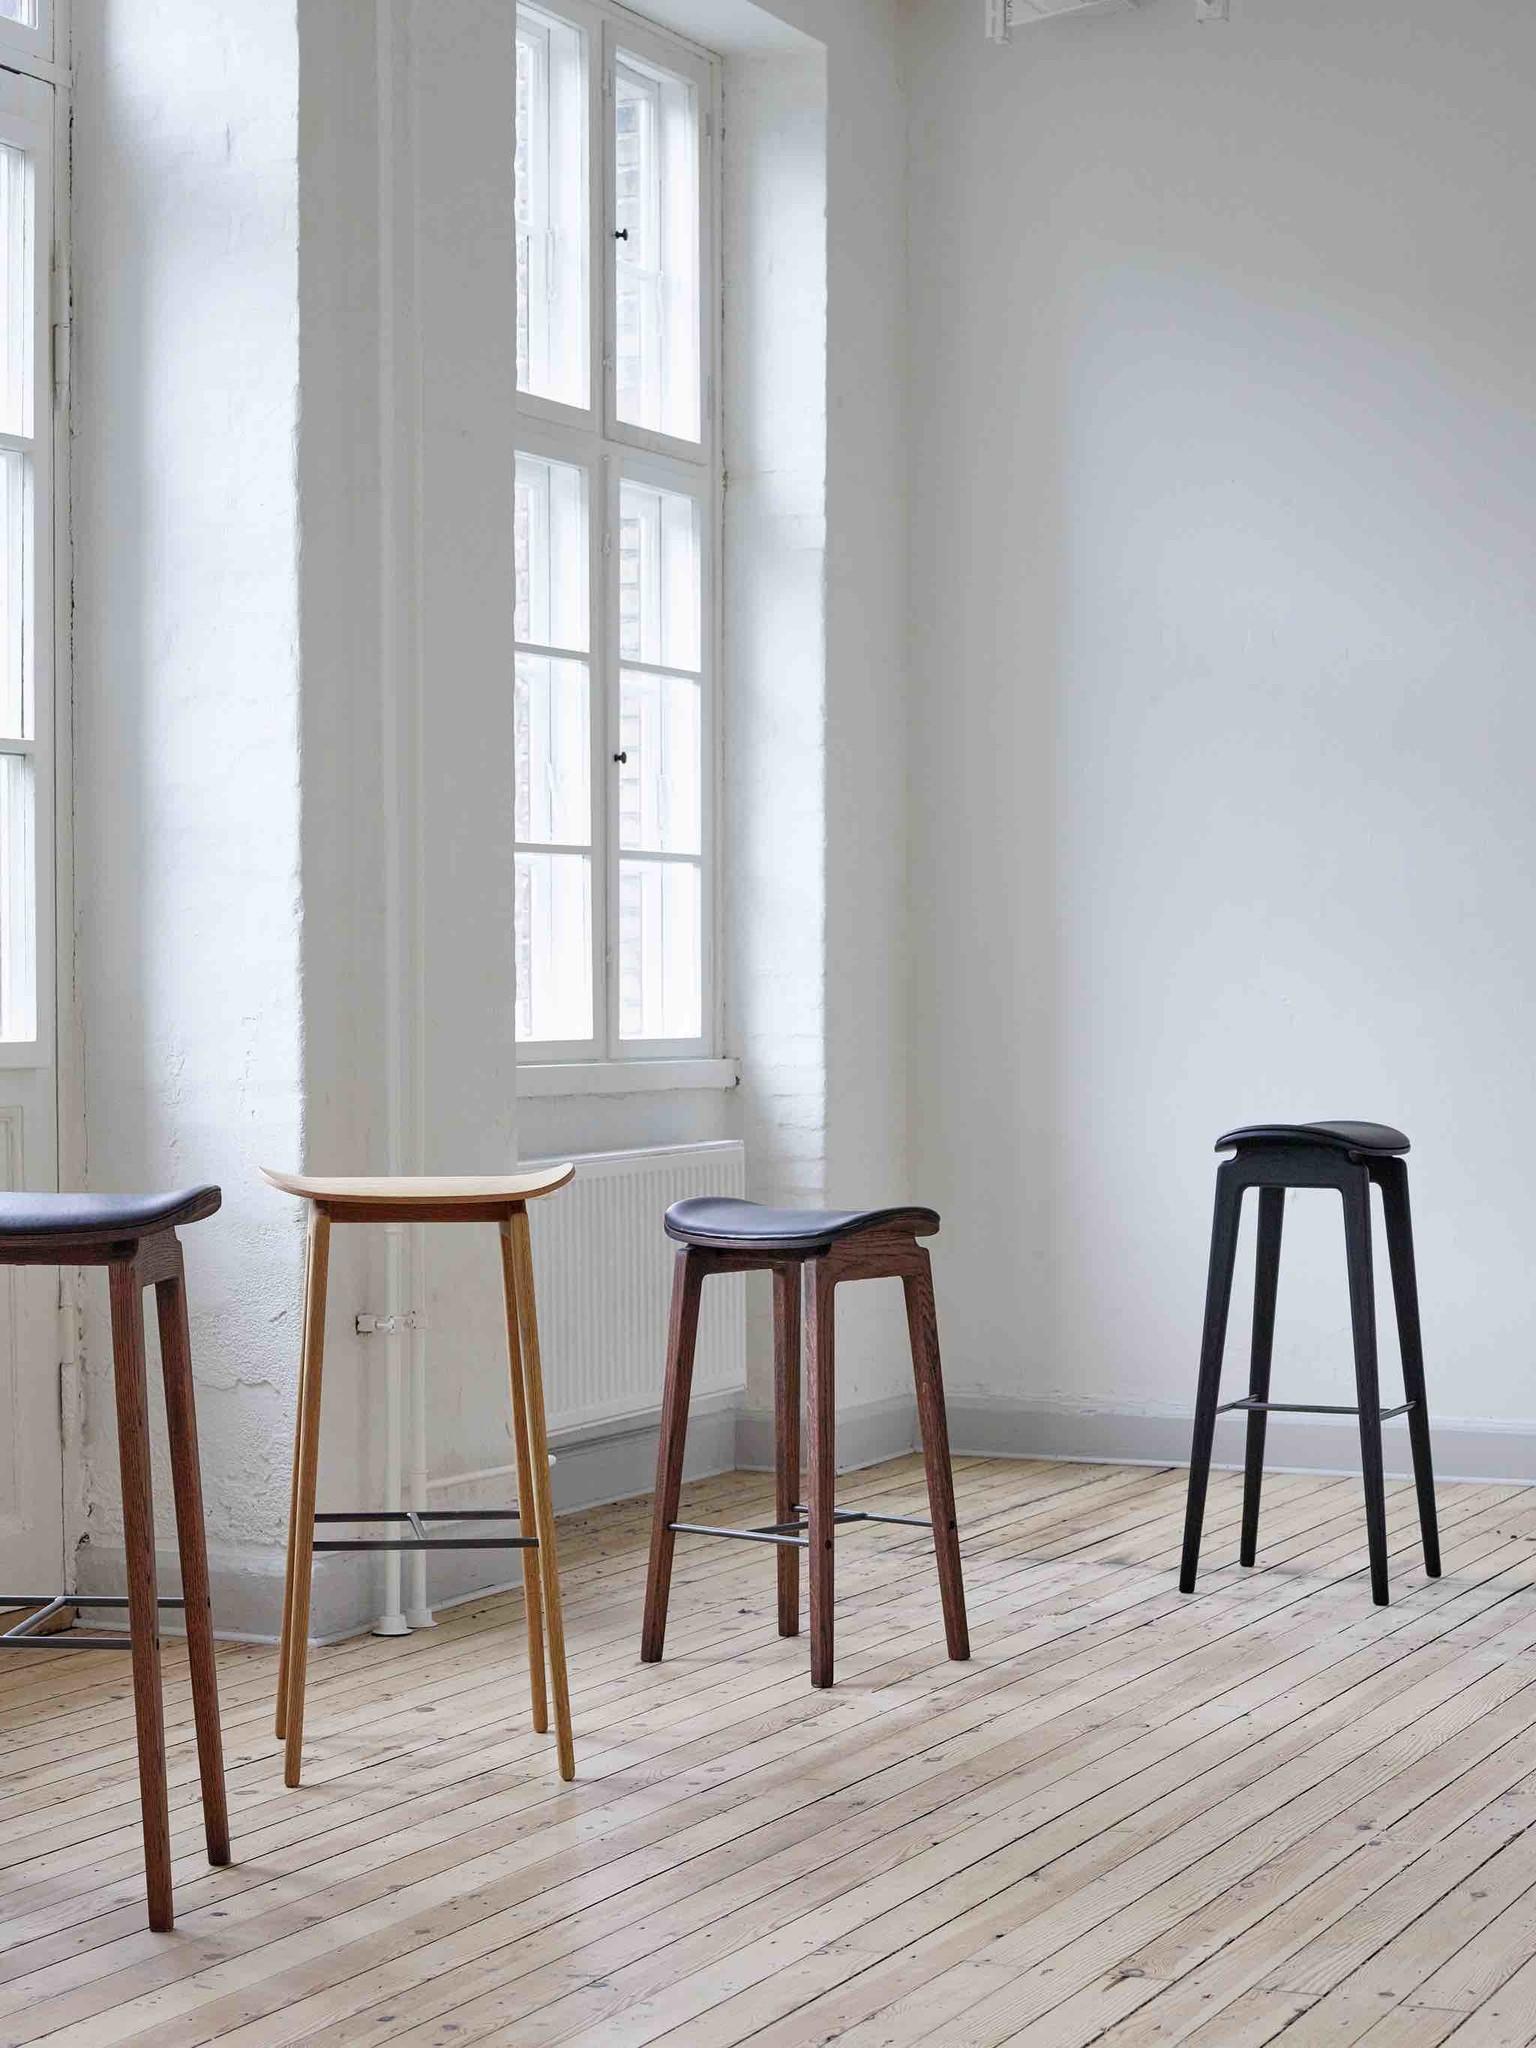 Ronde Tafel Scandinavisch Design.Norr11 Scandinavische Design Meubels Wilhelmina Designs